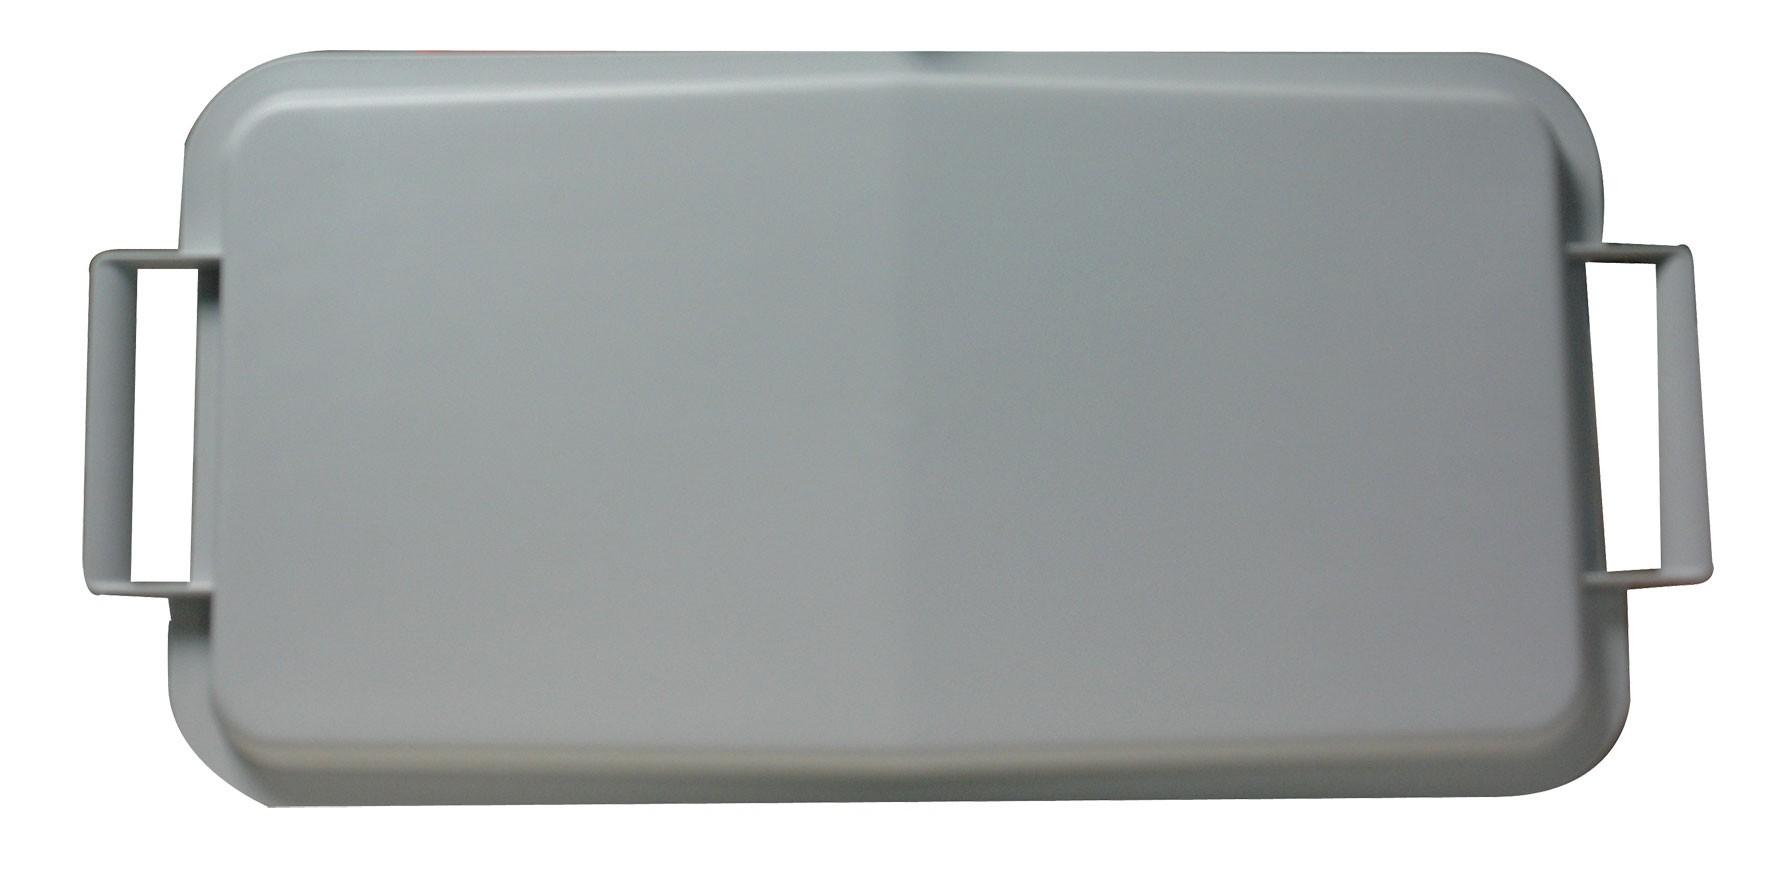 Deckel für Mehrzweck-Behälter eckig 60Liter grau Graf 778048 Bild 1